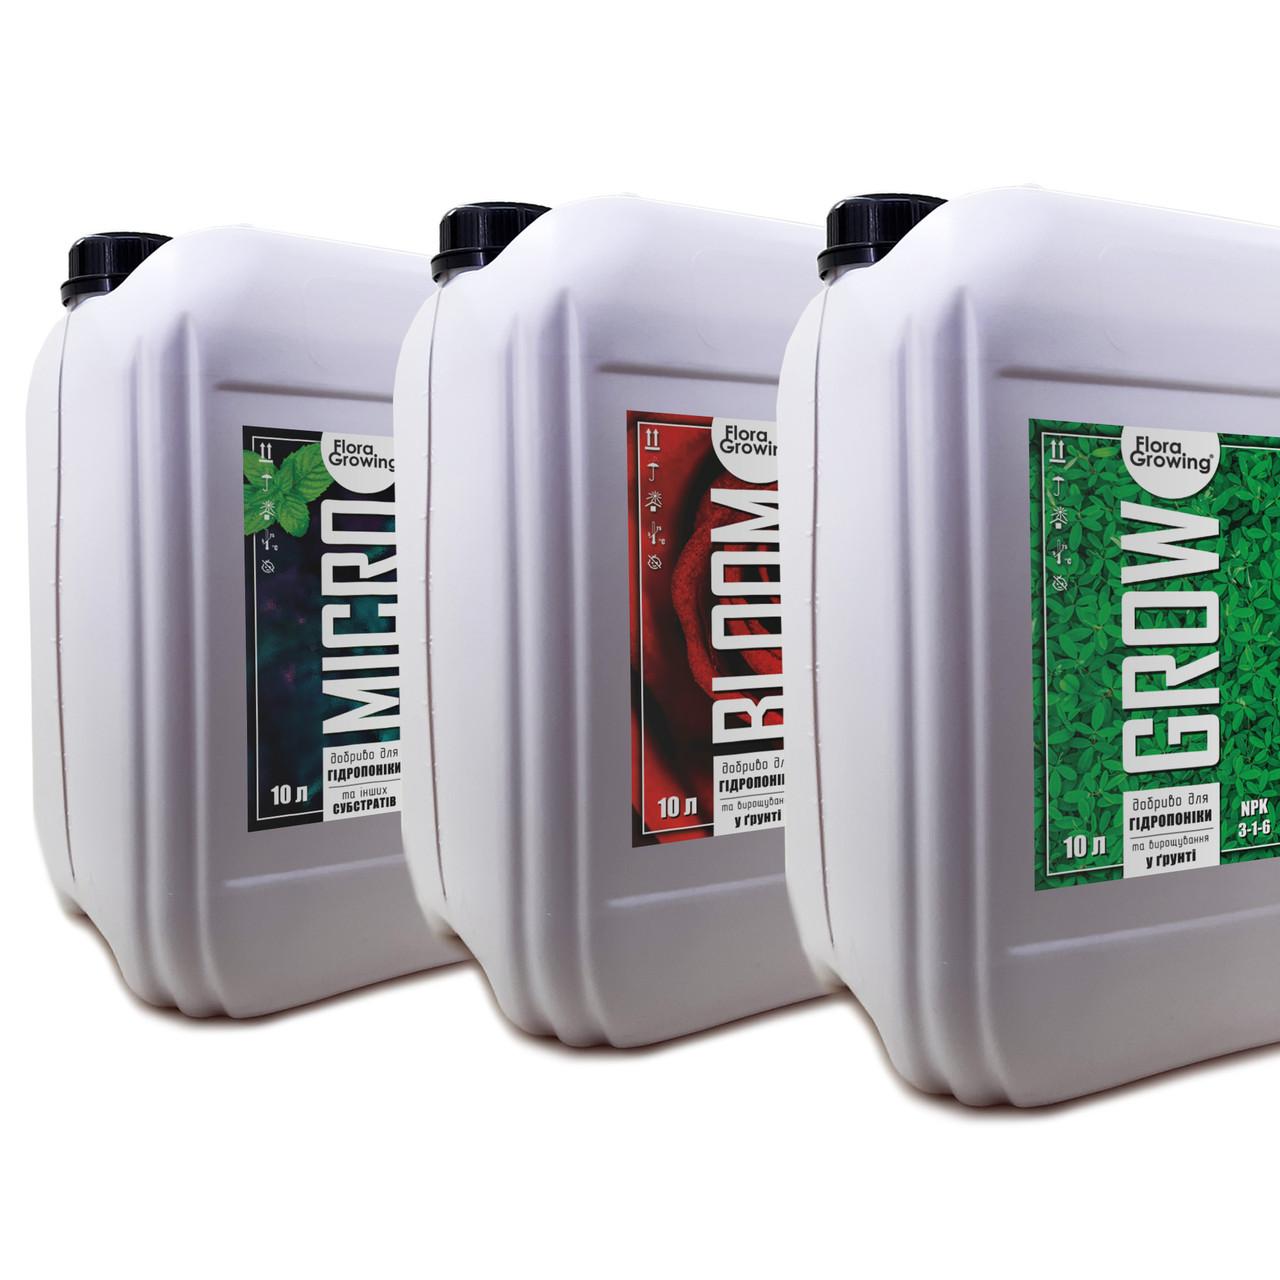 3 х 10 л Hydroponics Kit набор удобрений для гидропоники и почвы | Аналог GHE Flora Series